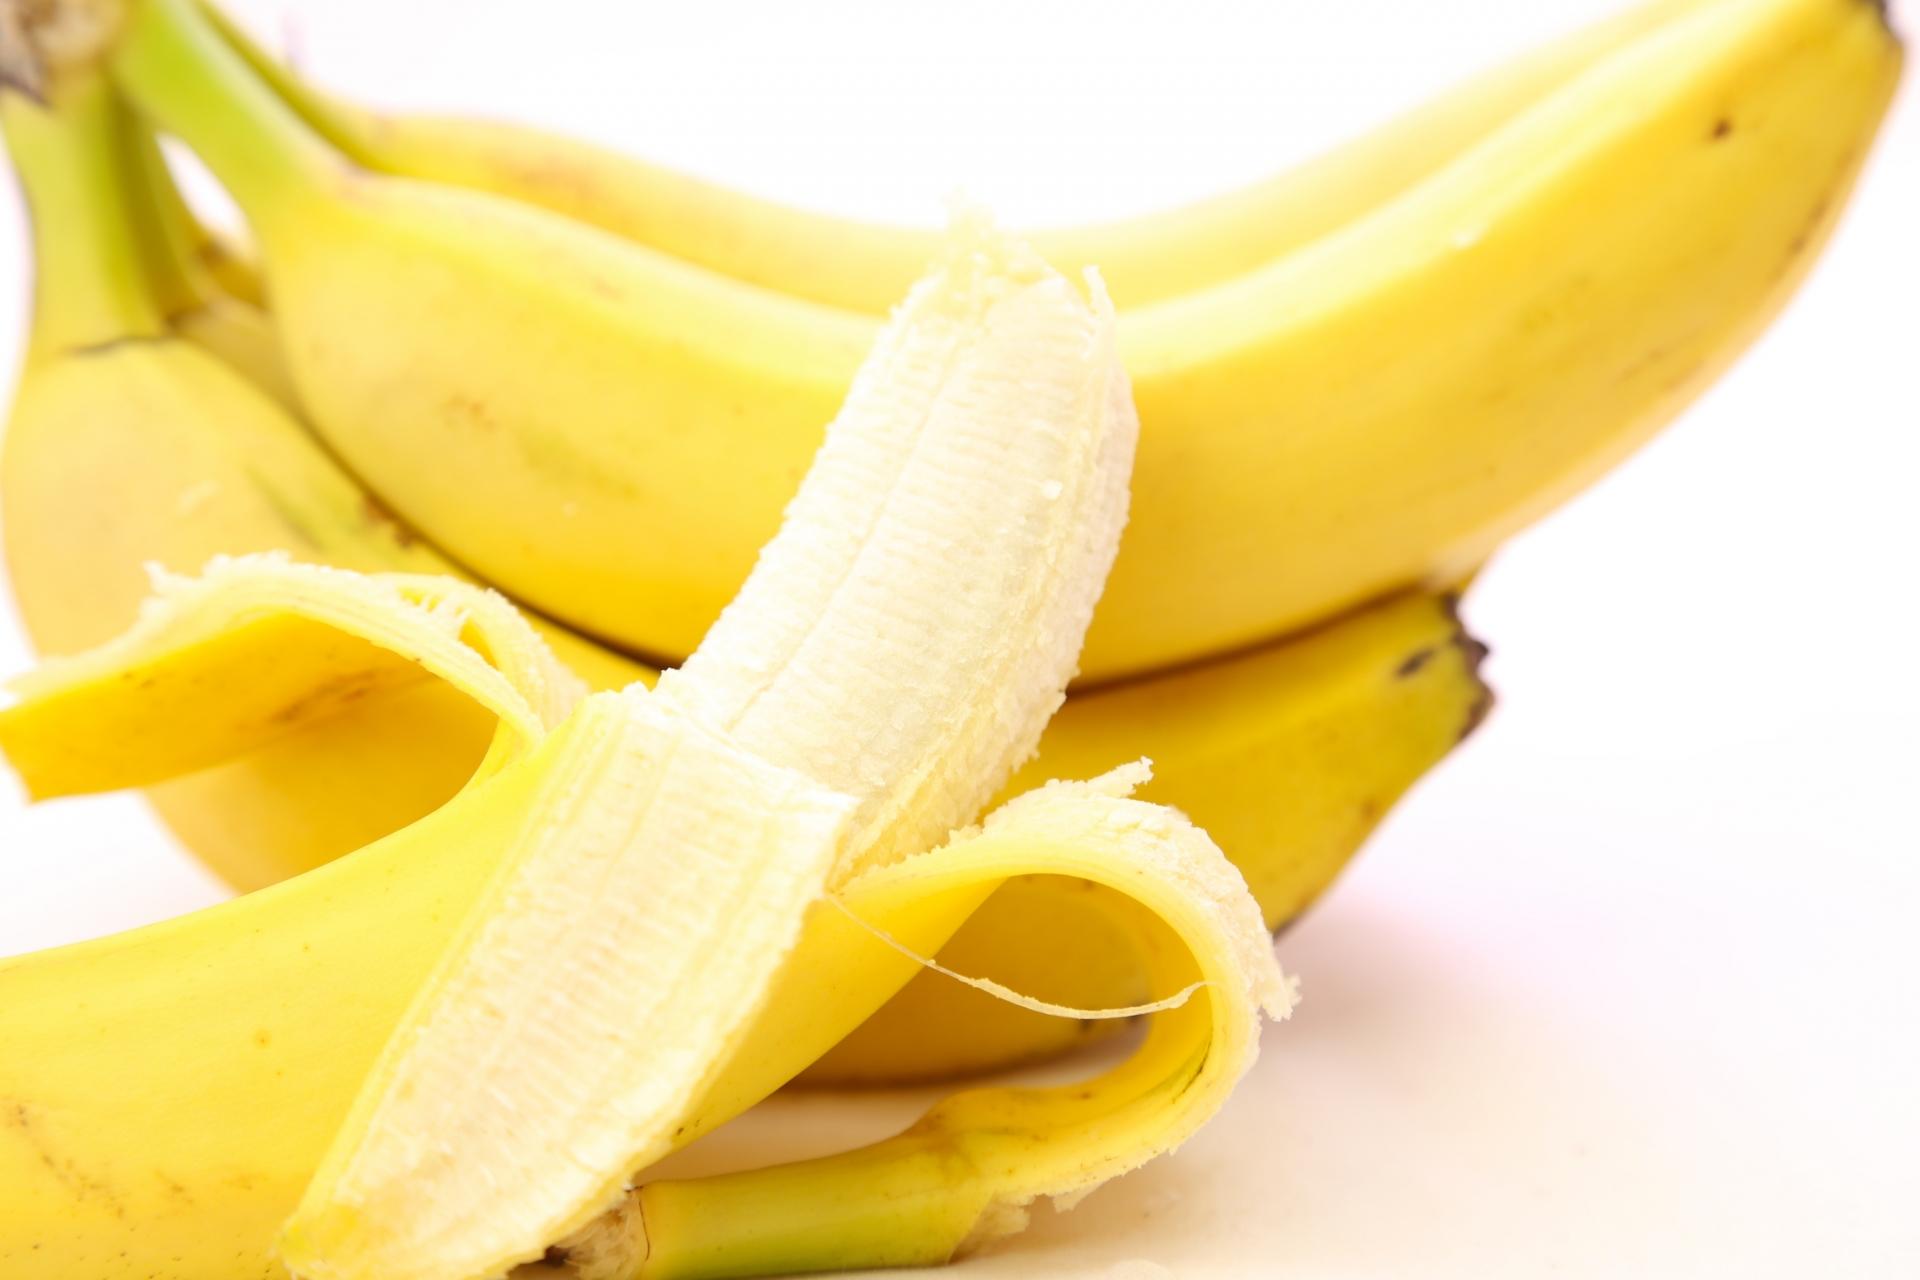 バナナに含まれる育毛に効果的な成分